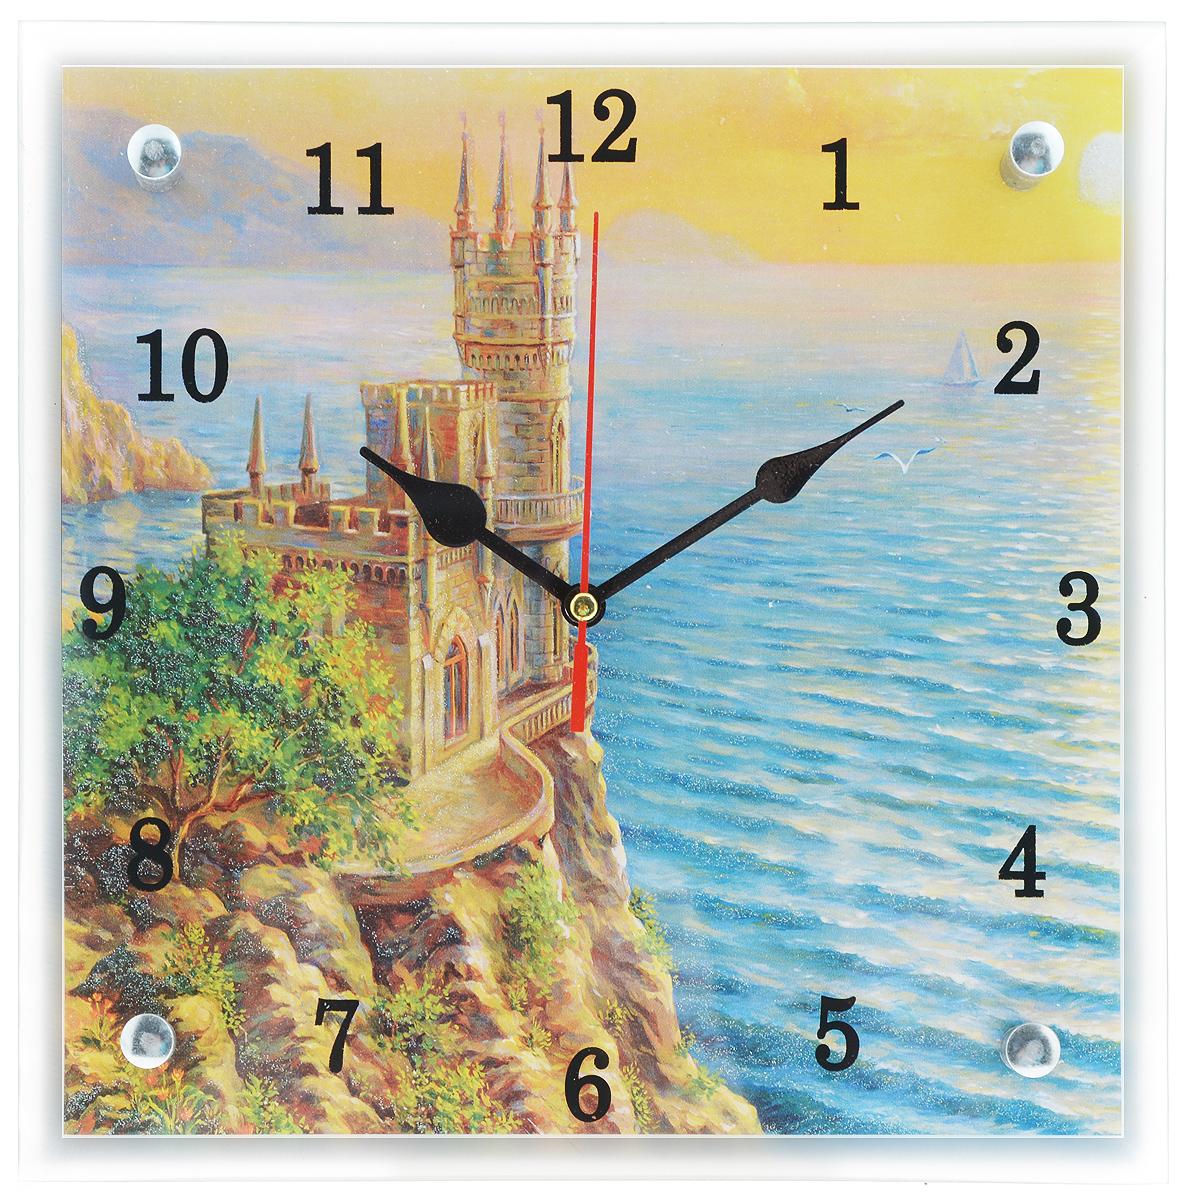 Часы настенные Proffi Home Ласточкино гнездо, 25 х 25 смВ93Настенные кварцевые часы Proffi Home Ласточкино гнездо, изготовленные из ДВП и стекла, прекрасно подойдут под интерьер вашего дома. Квадратные часы имеют три стрелки: часовую, минутную и секундную. Часы оснащены металлической петелькой для подвешивания. Часы работают от 1 батарейки типа АА напряжением 1,5 В (не входит в комплект). Размер часов: 25 х 25 х 3,5 см.